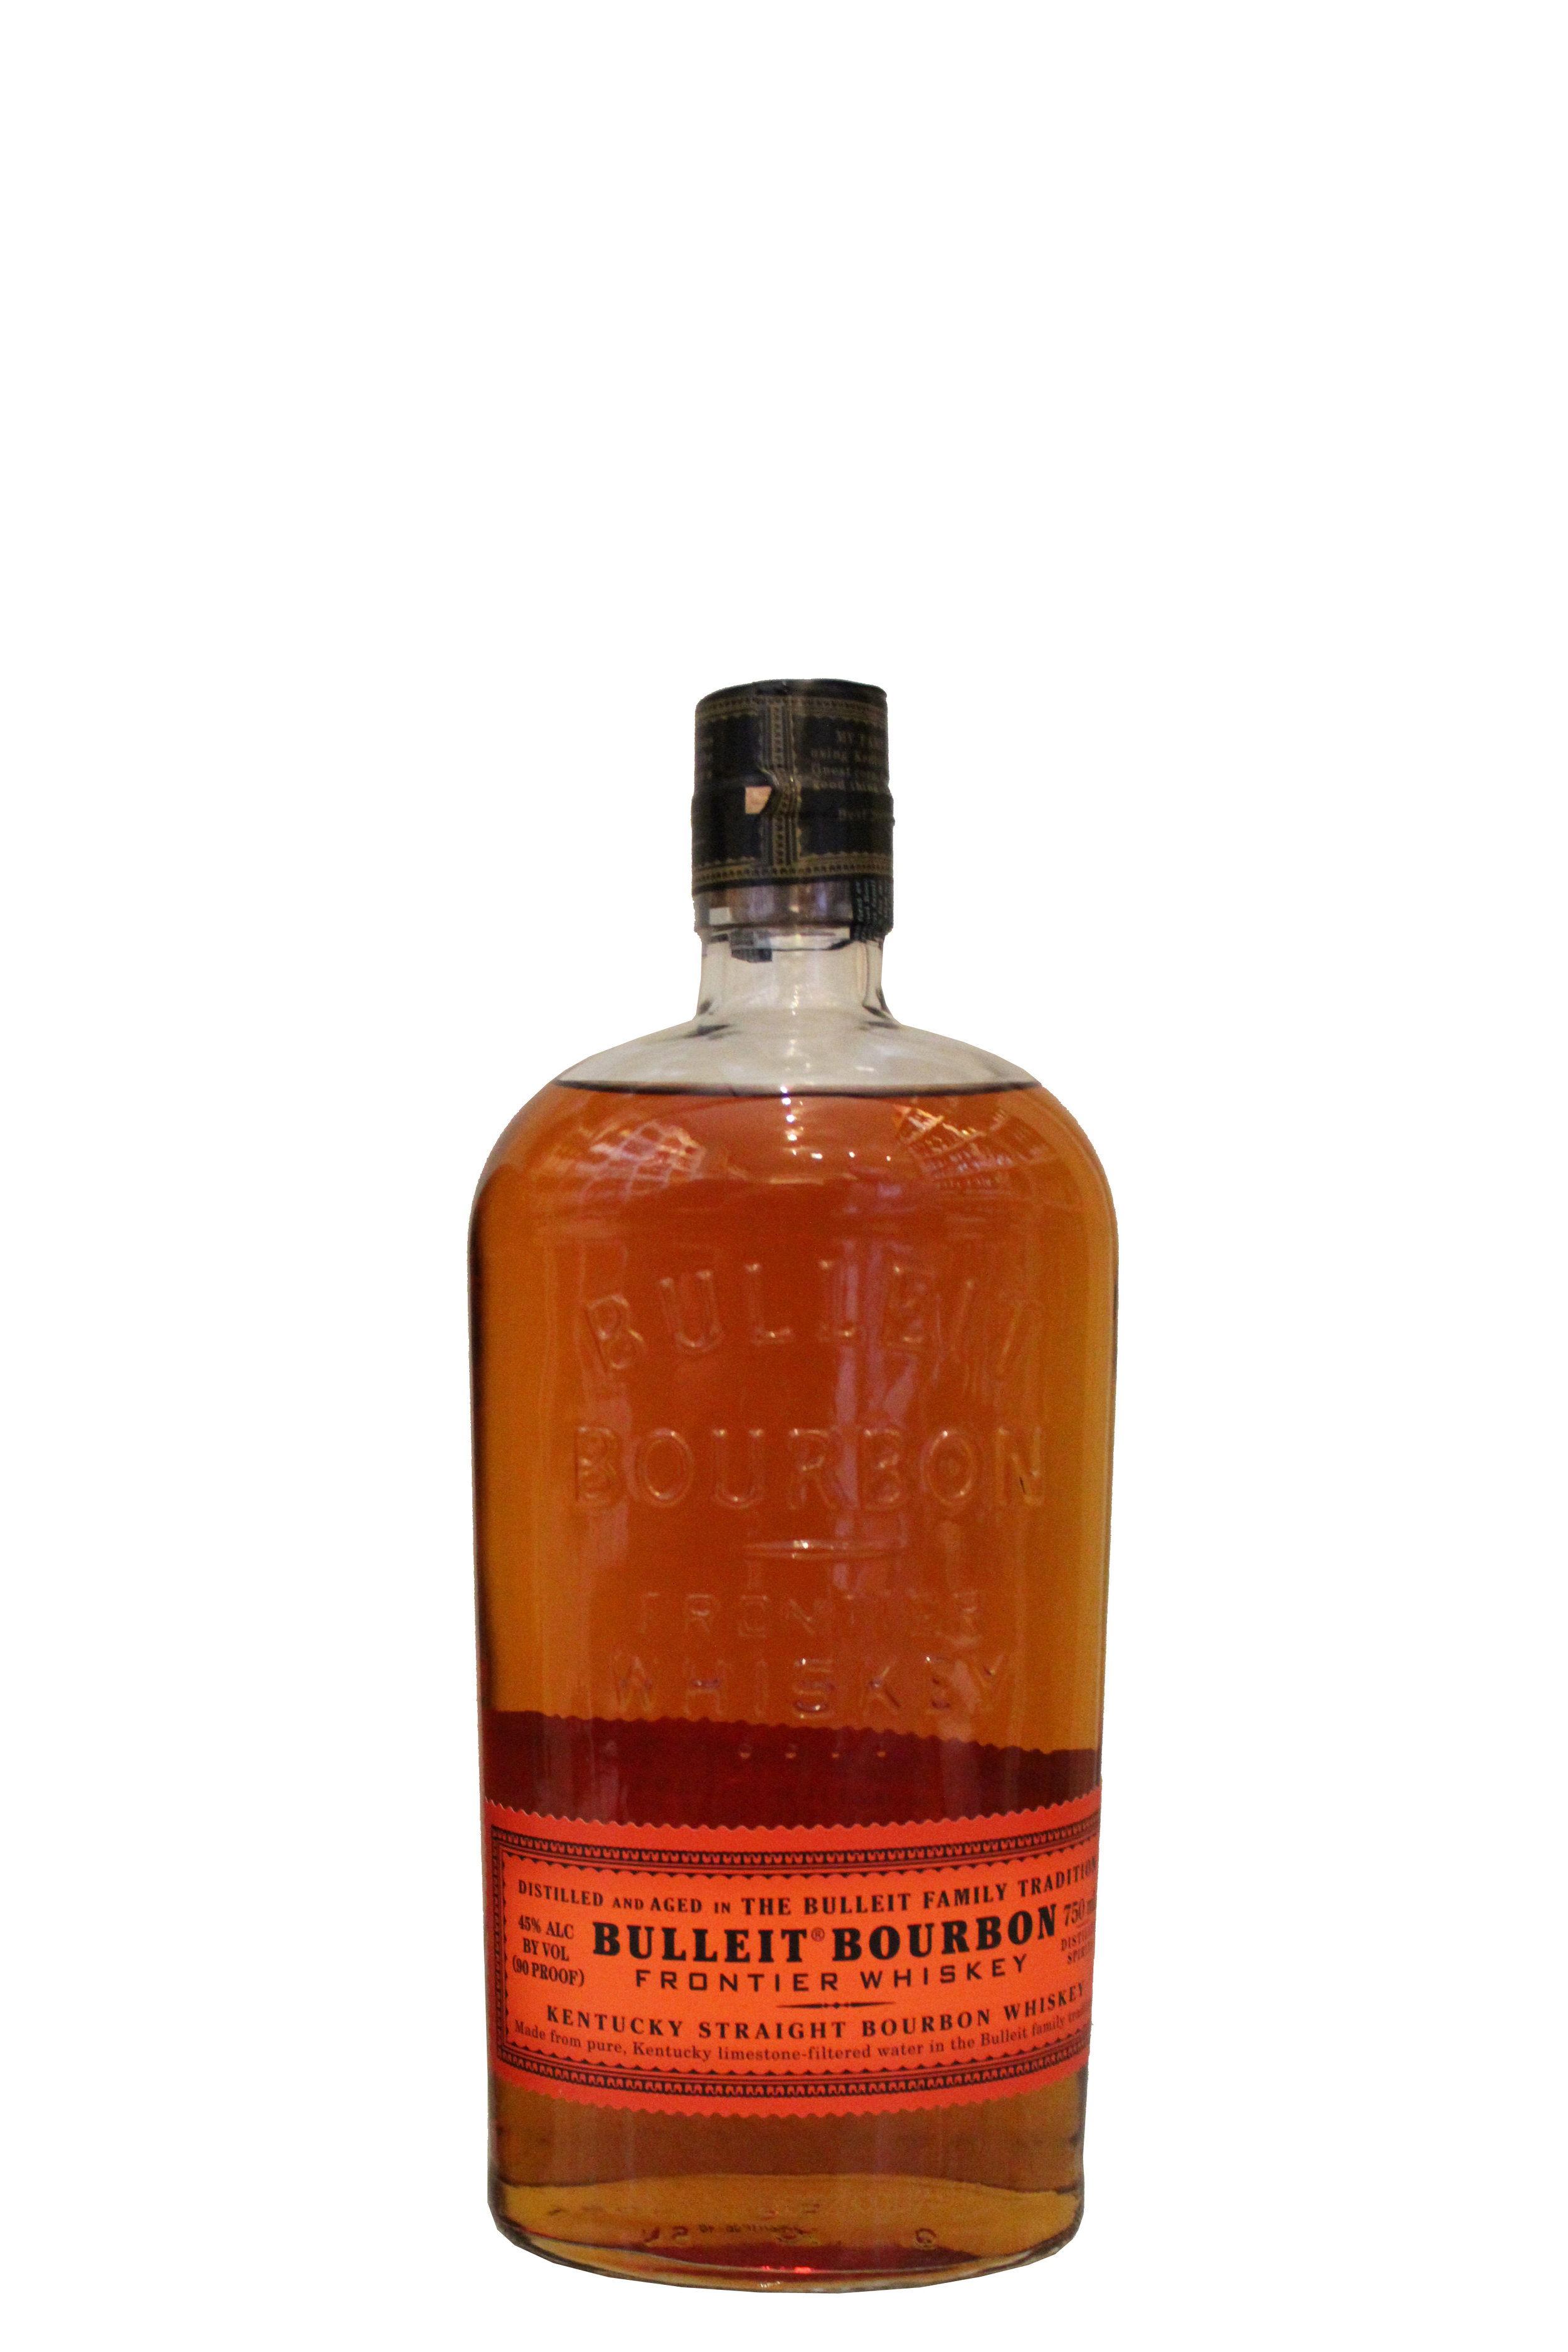 Small-Batch Bourbon, Bulleit Bourbon, Kentucky